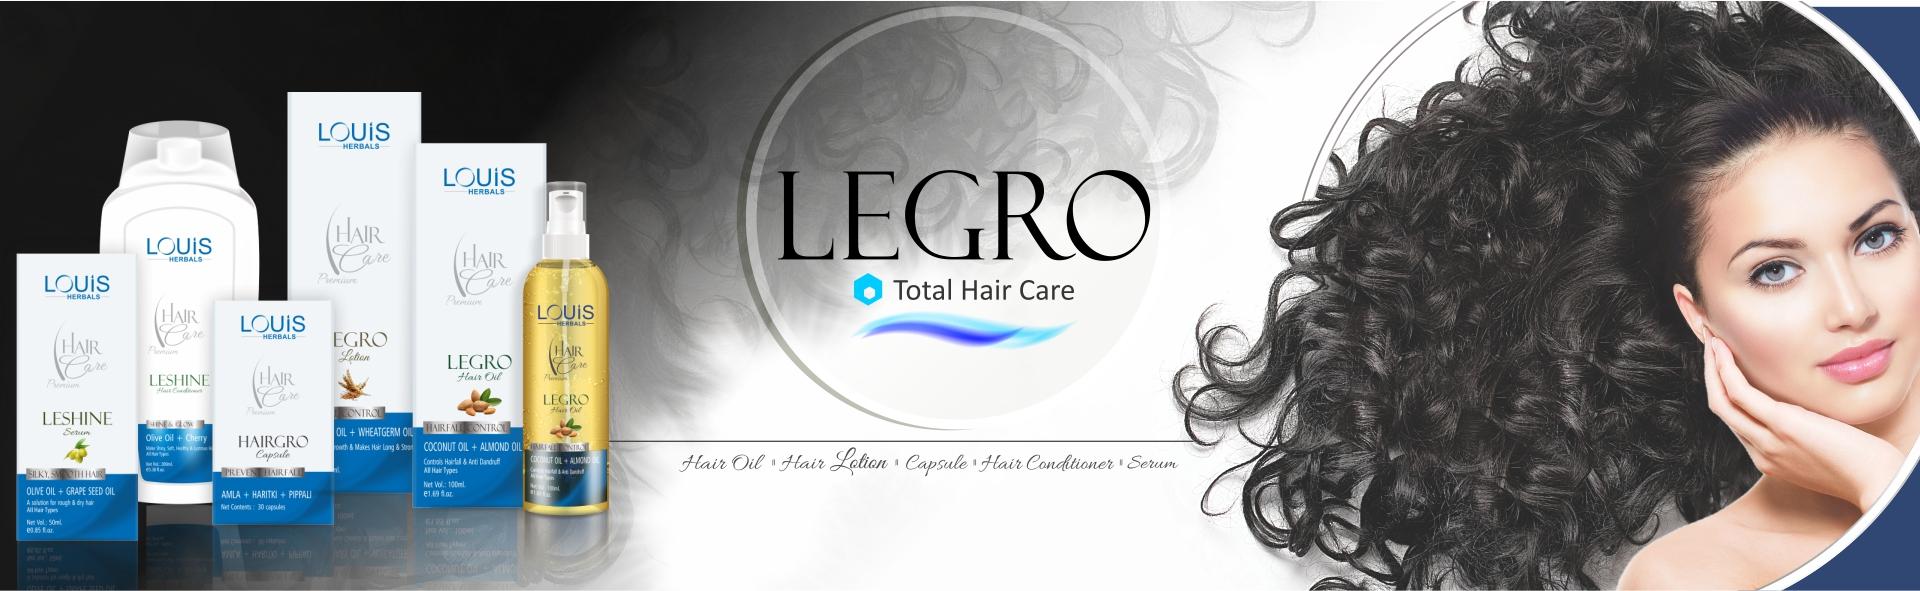 legro-hair-treatment